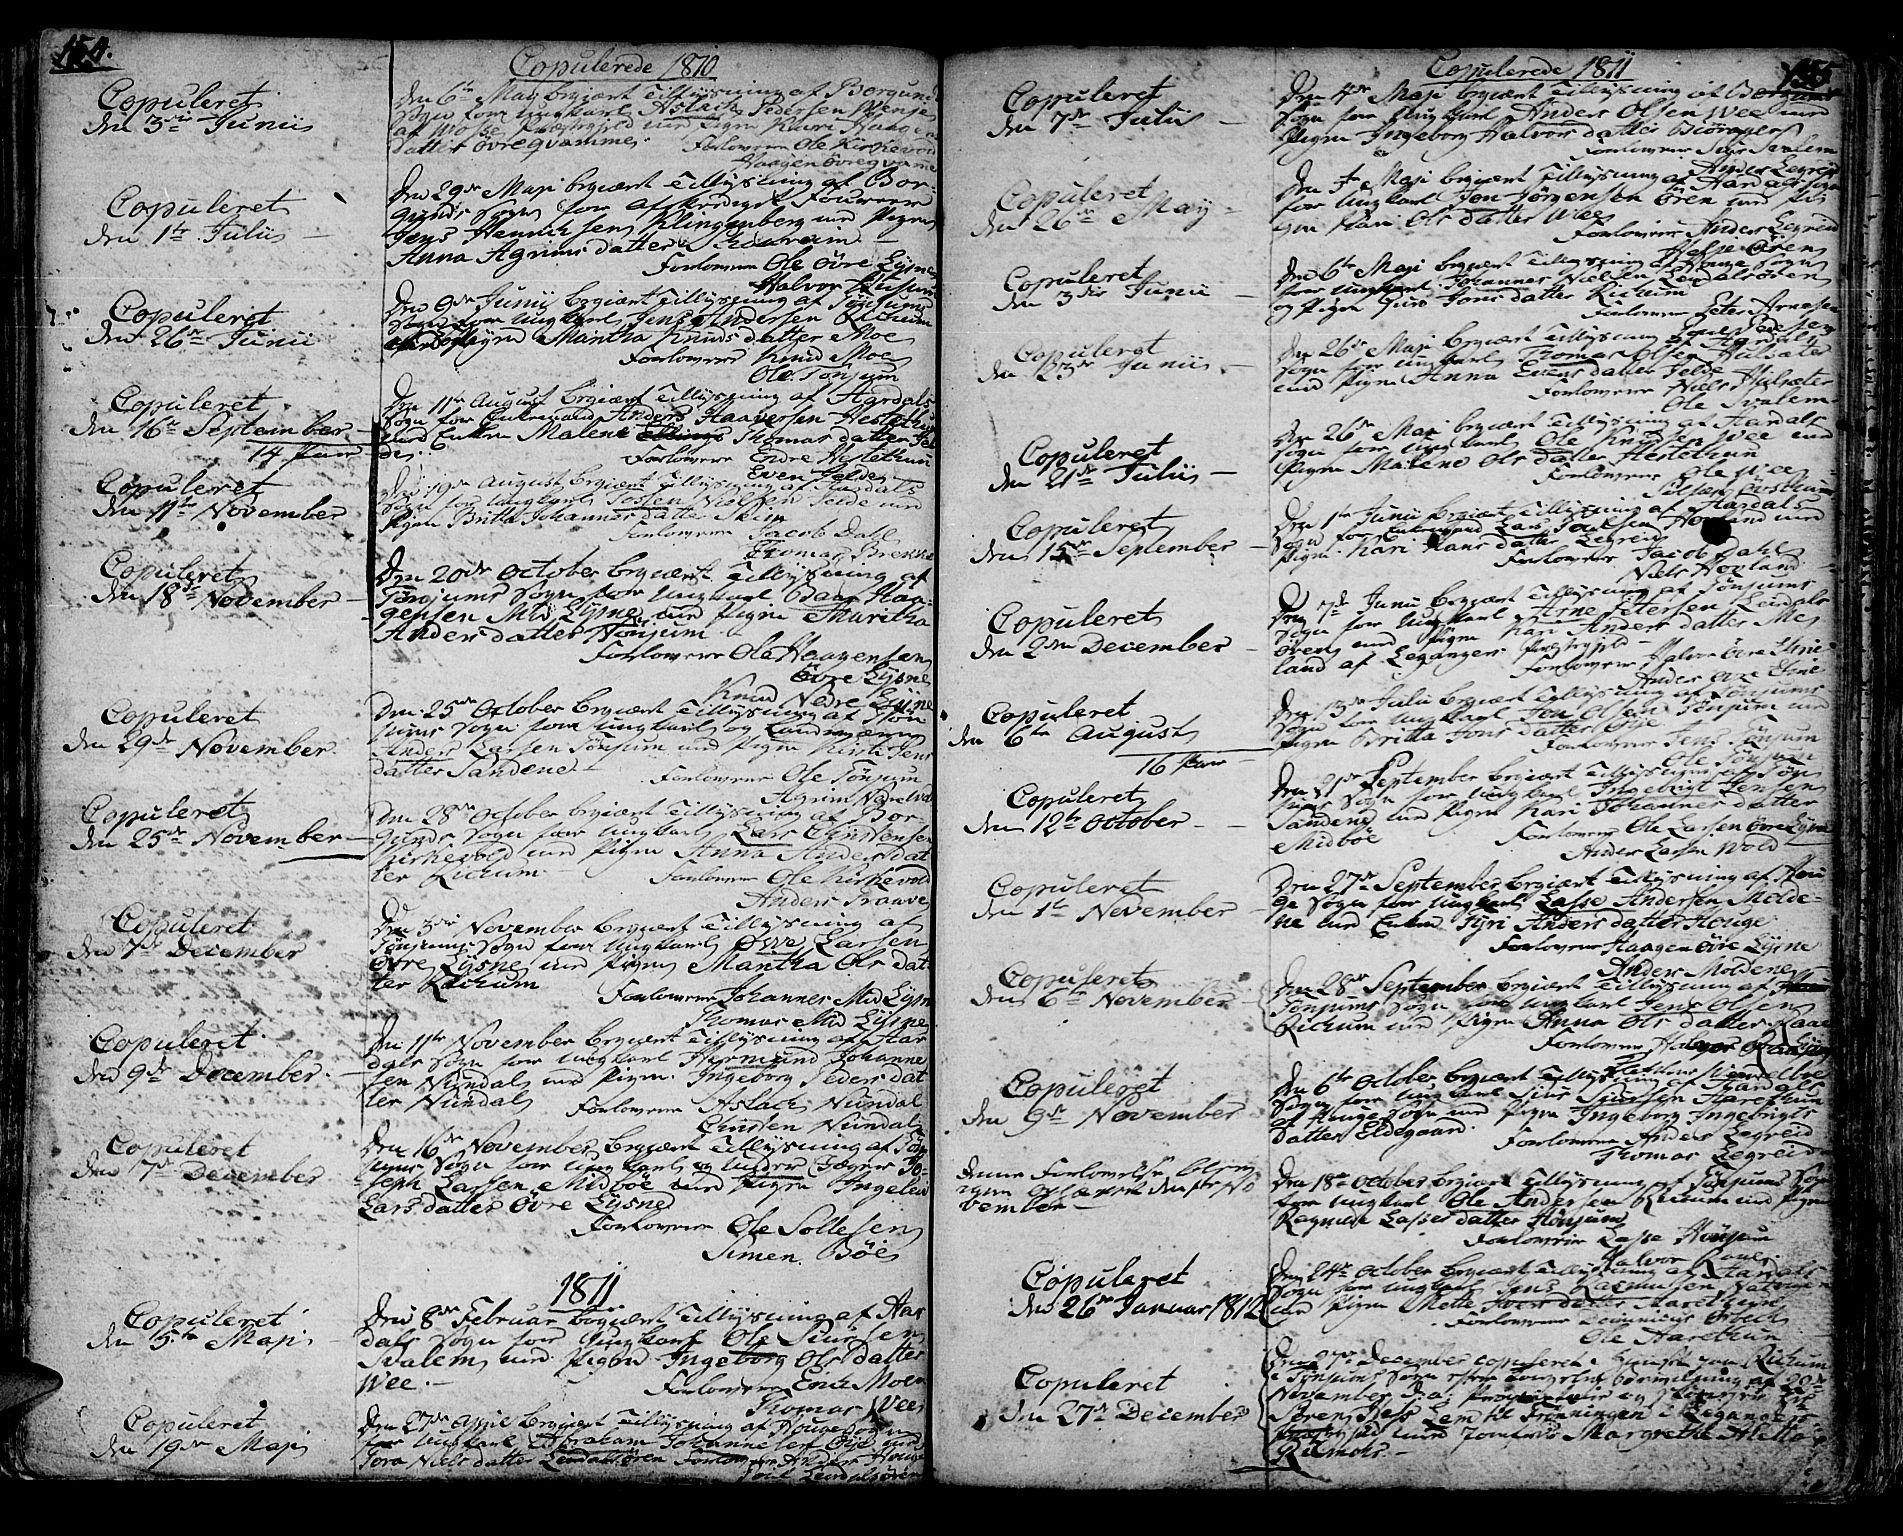 SAB, Lærdal sokneprestembete, Ministerialbok nr. A 4, 1805-1821, s. 154-155